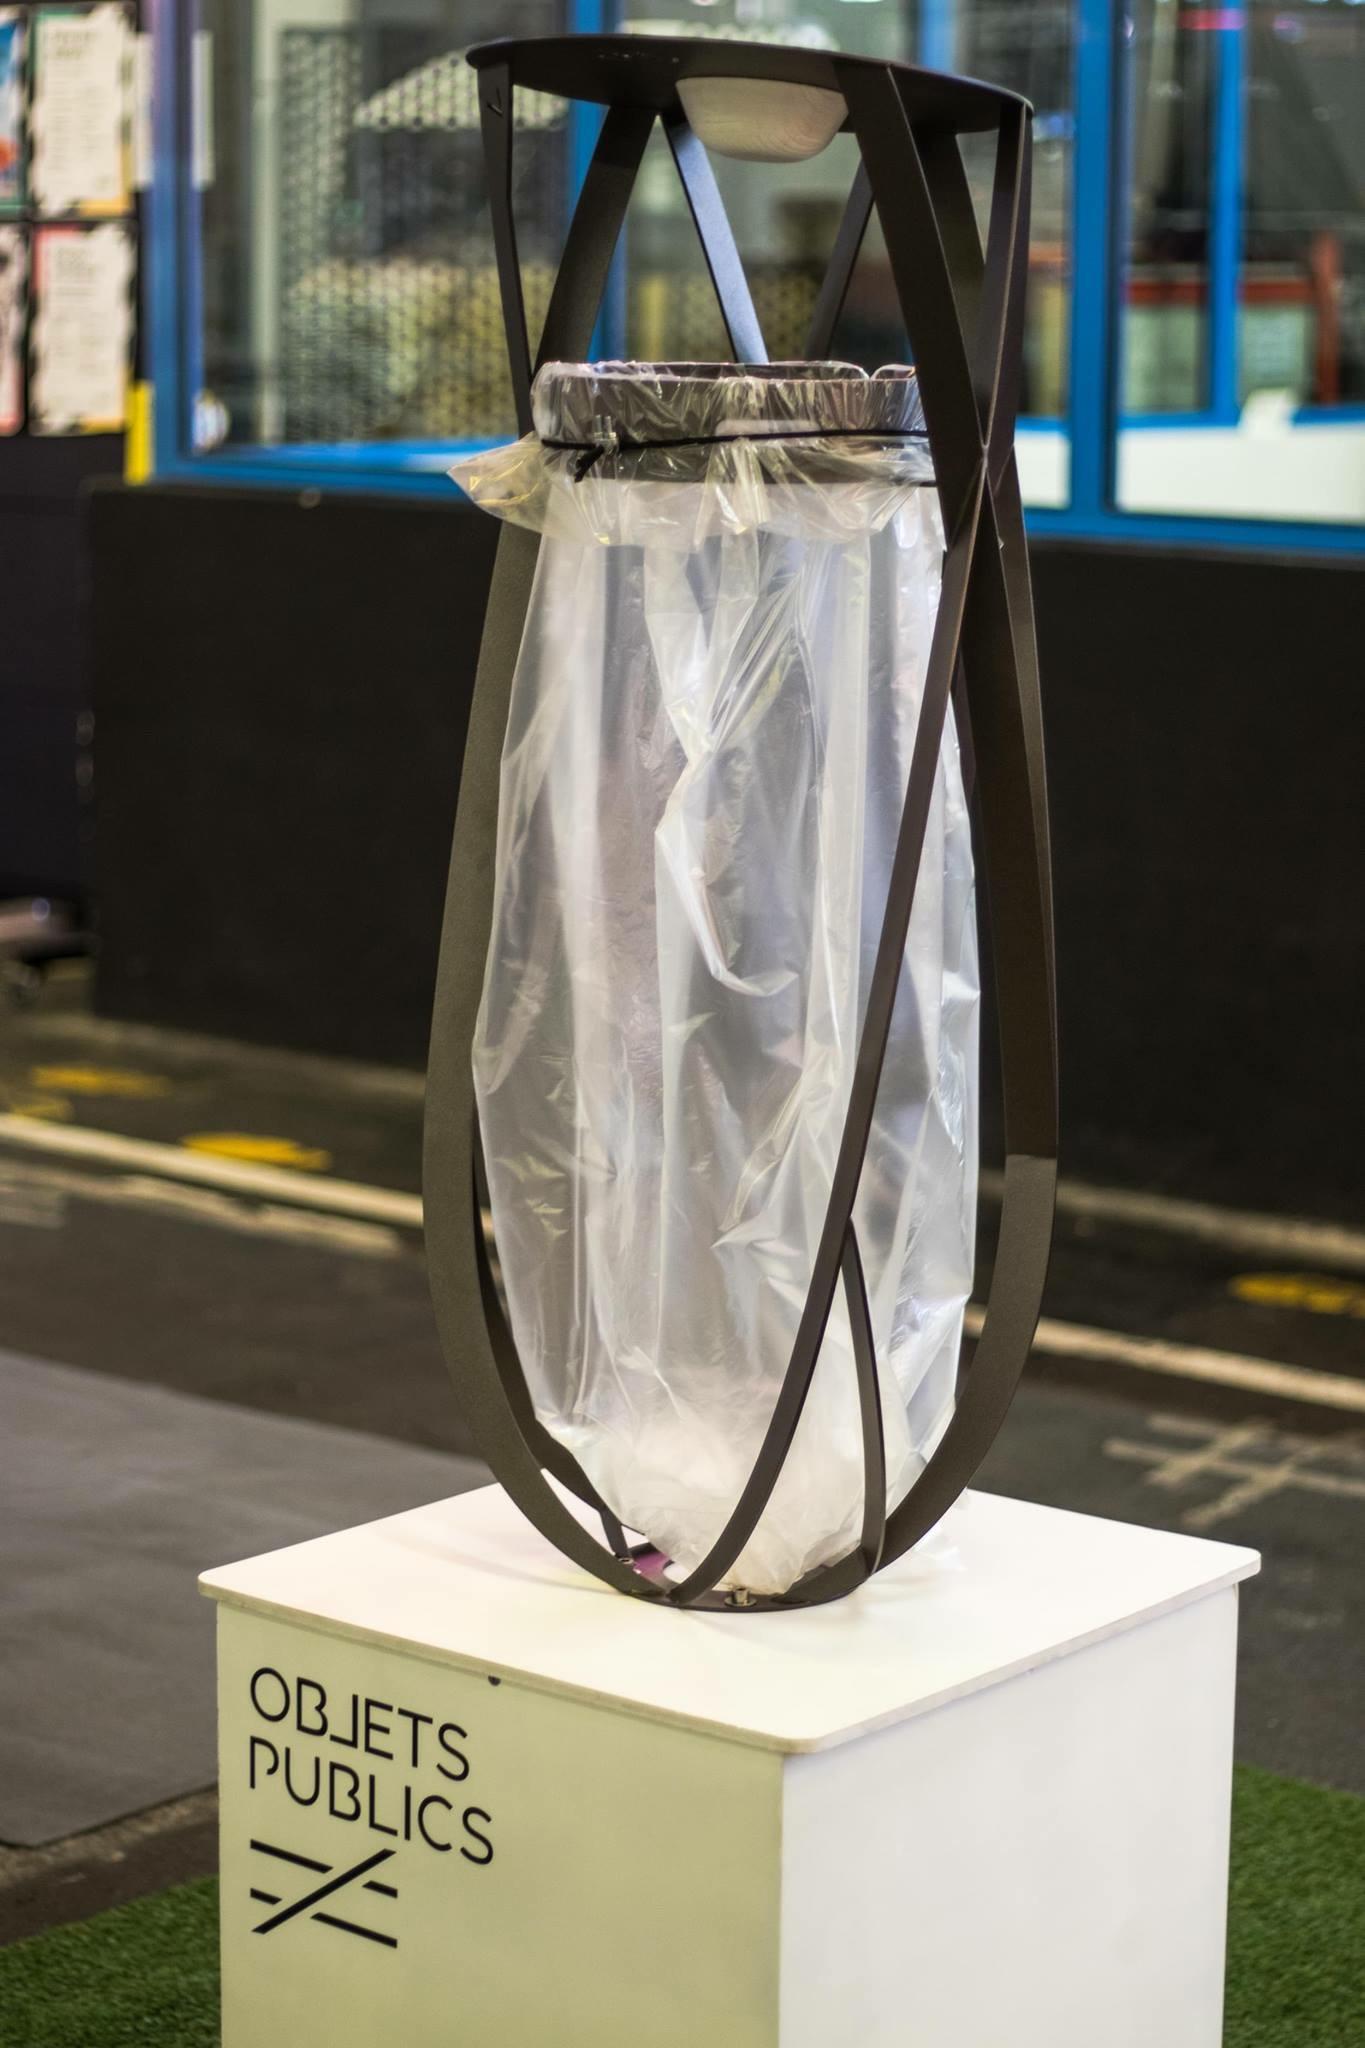 objets publics corbeille poubelle publique design porte sacs croisements design franck magne